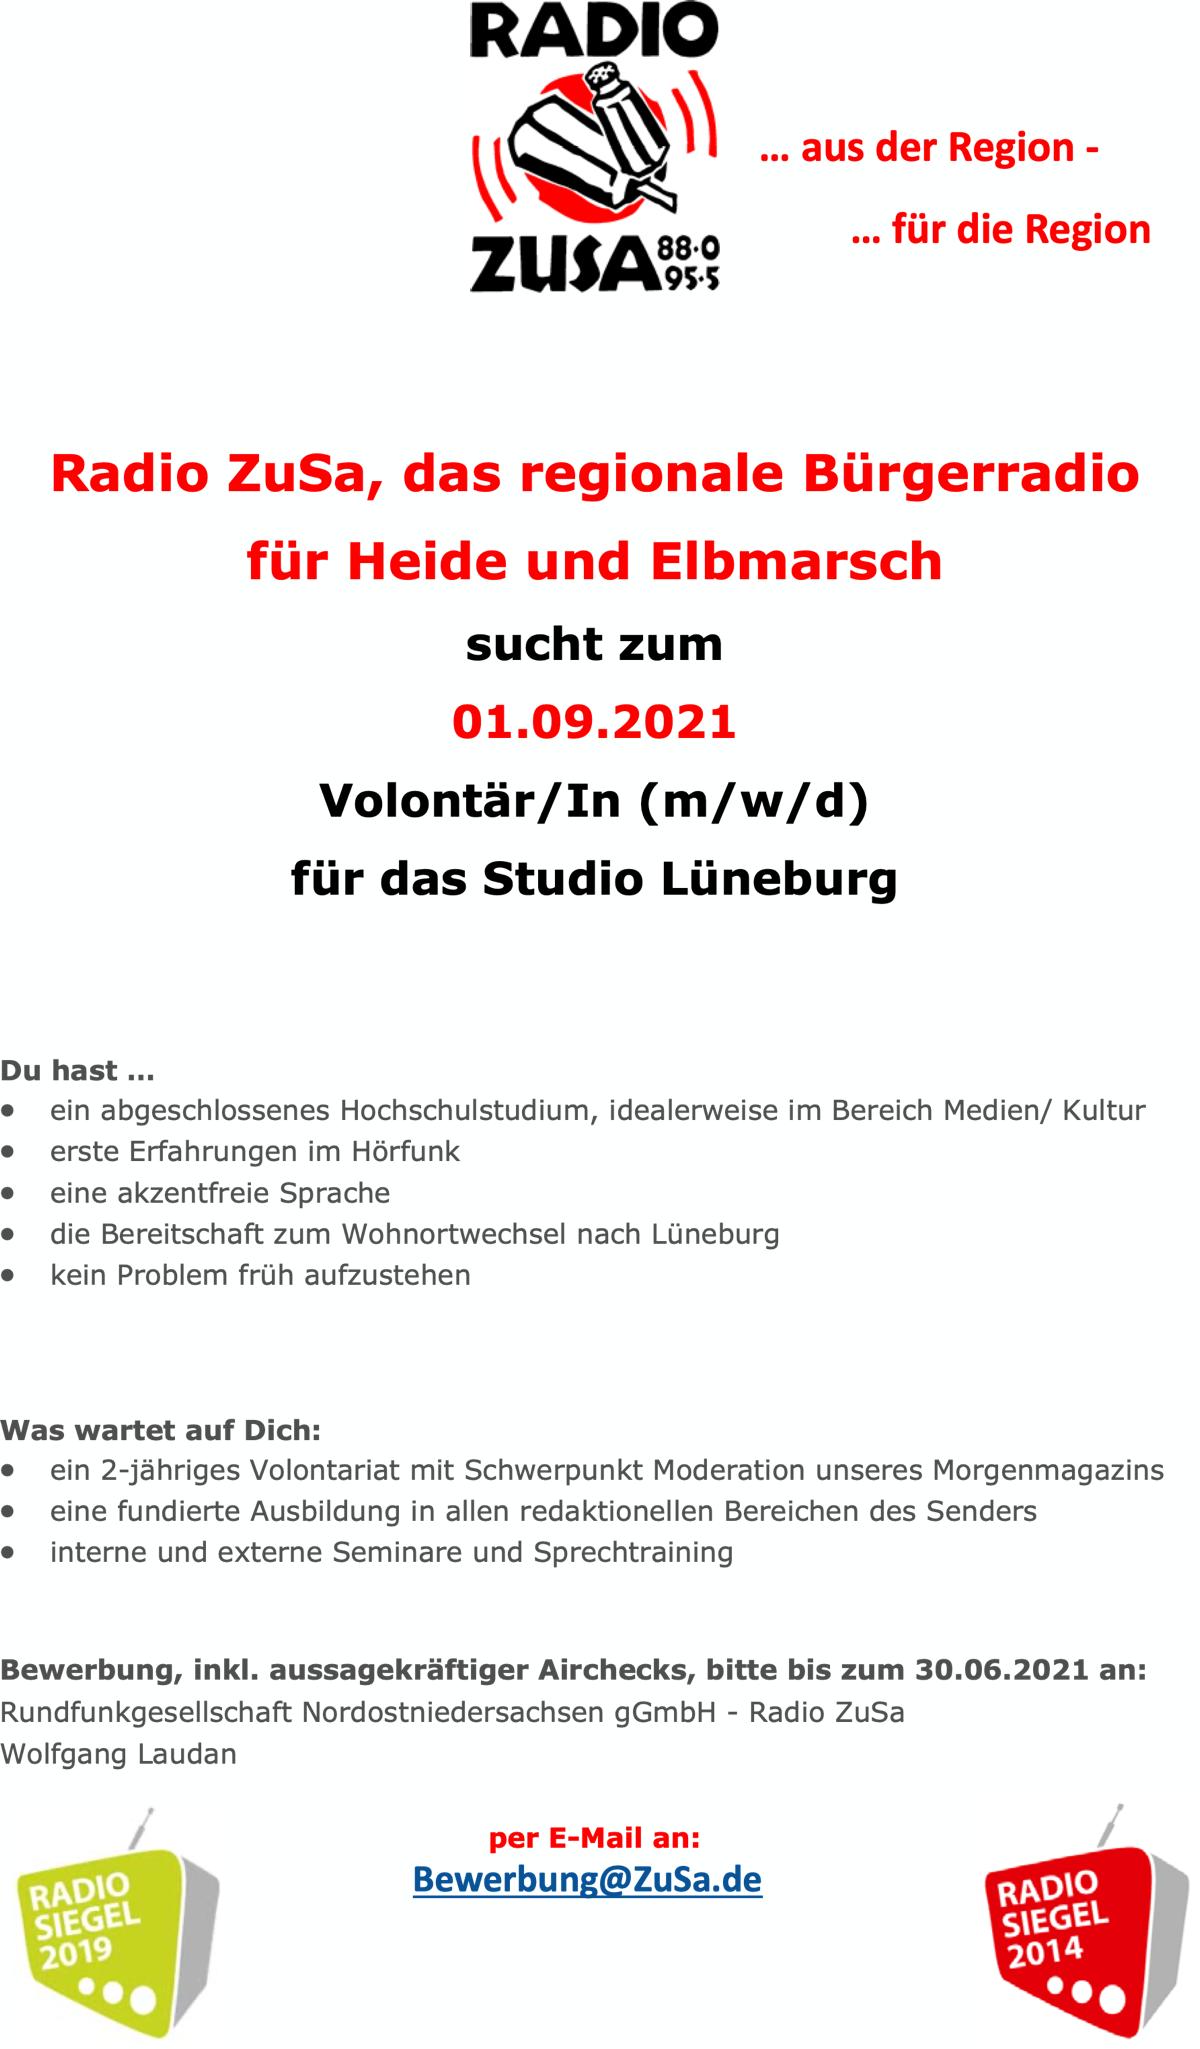 Radio ZuSa, das regionale Bürgerradio Du hast ... für Heide und Elbmarsch sucht zum 01.09.2021 Volontär/In (m/w/d) für das Studio Lüneburg  ein abgeschlossenes Hochschulstudium, idealerweise im Bereich Medien/ Kultur  erste Erfahrungen im Hörfunk  eine akzentfreie Sprache  die Bereitschaft zum Wohnortwechsel nach Lüneburg  kein Problem früh aufzustehen Was wartet auf Dich:  ein 2-jähriges Volontariat mit Schwerpunkt Moderation unseres Morgenmagazins  eine fundierte Ausbildung in allen redaktionellen Bereichen des Senders  interne und externe Seminare und Sprechtraining Bewerbung, inkl. aussagekräftiger Airchecks, bitte bis zum 30.06.2021 an: Rundfunkgesellschaft Nordostniedersachsen gGmbH - Radio ZuSa Wolfgang Laudan